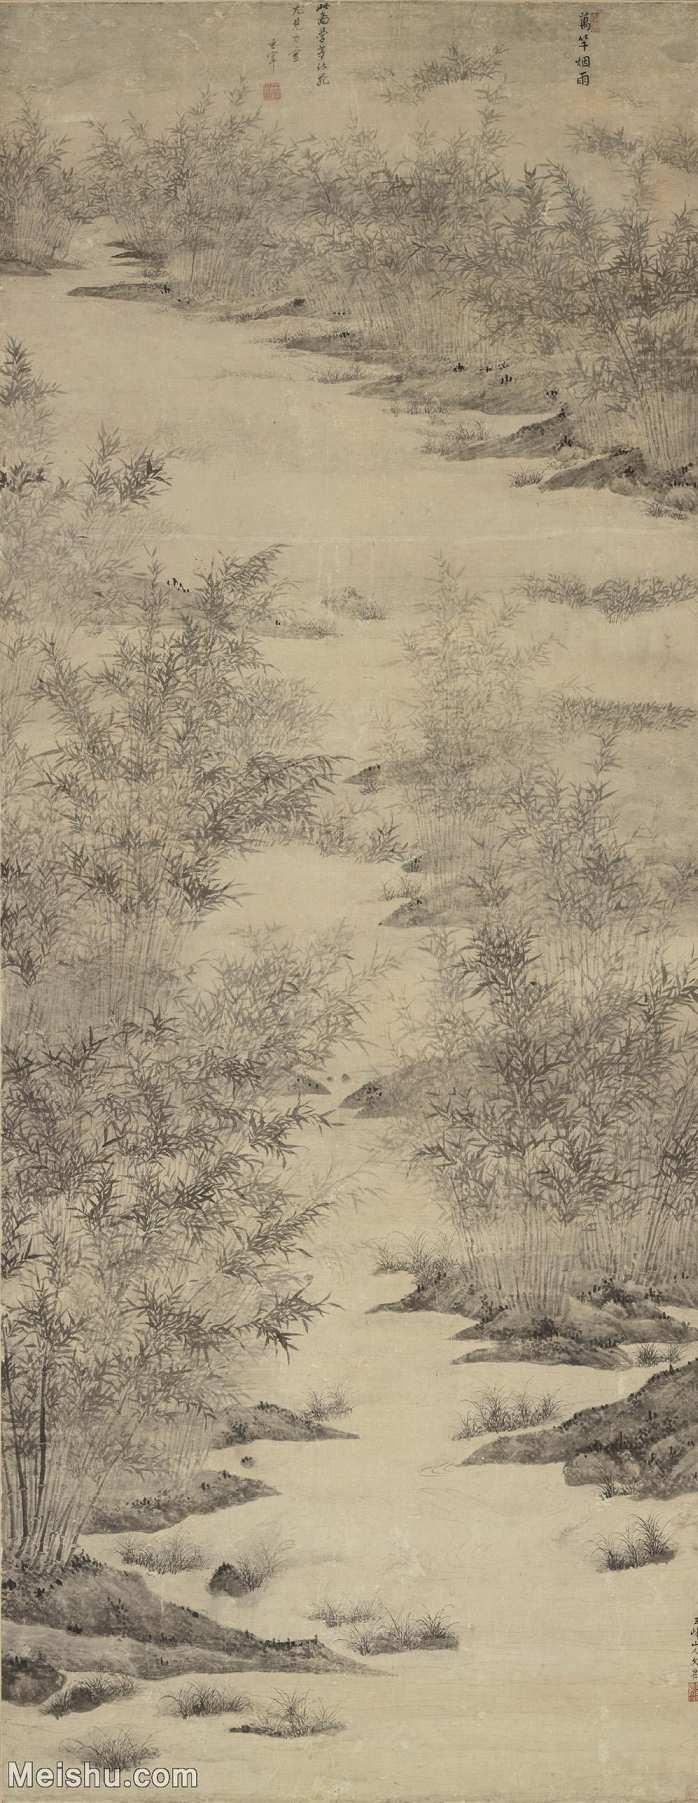 【超顶级】GH6088106古画山水风景四万图册之万杆烟雨-明-文伯仁-纸本-原73.5x188.1-河流湖泊草丛立轴图